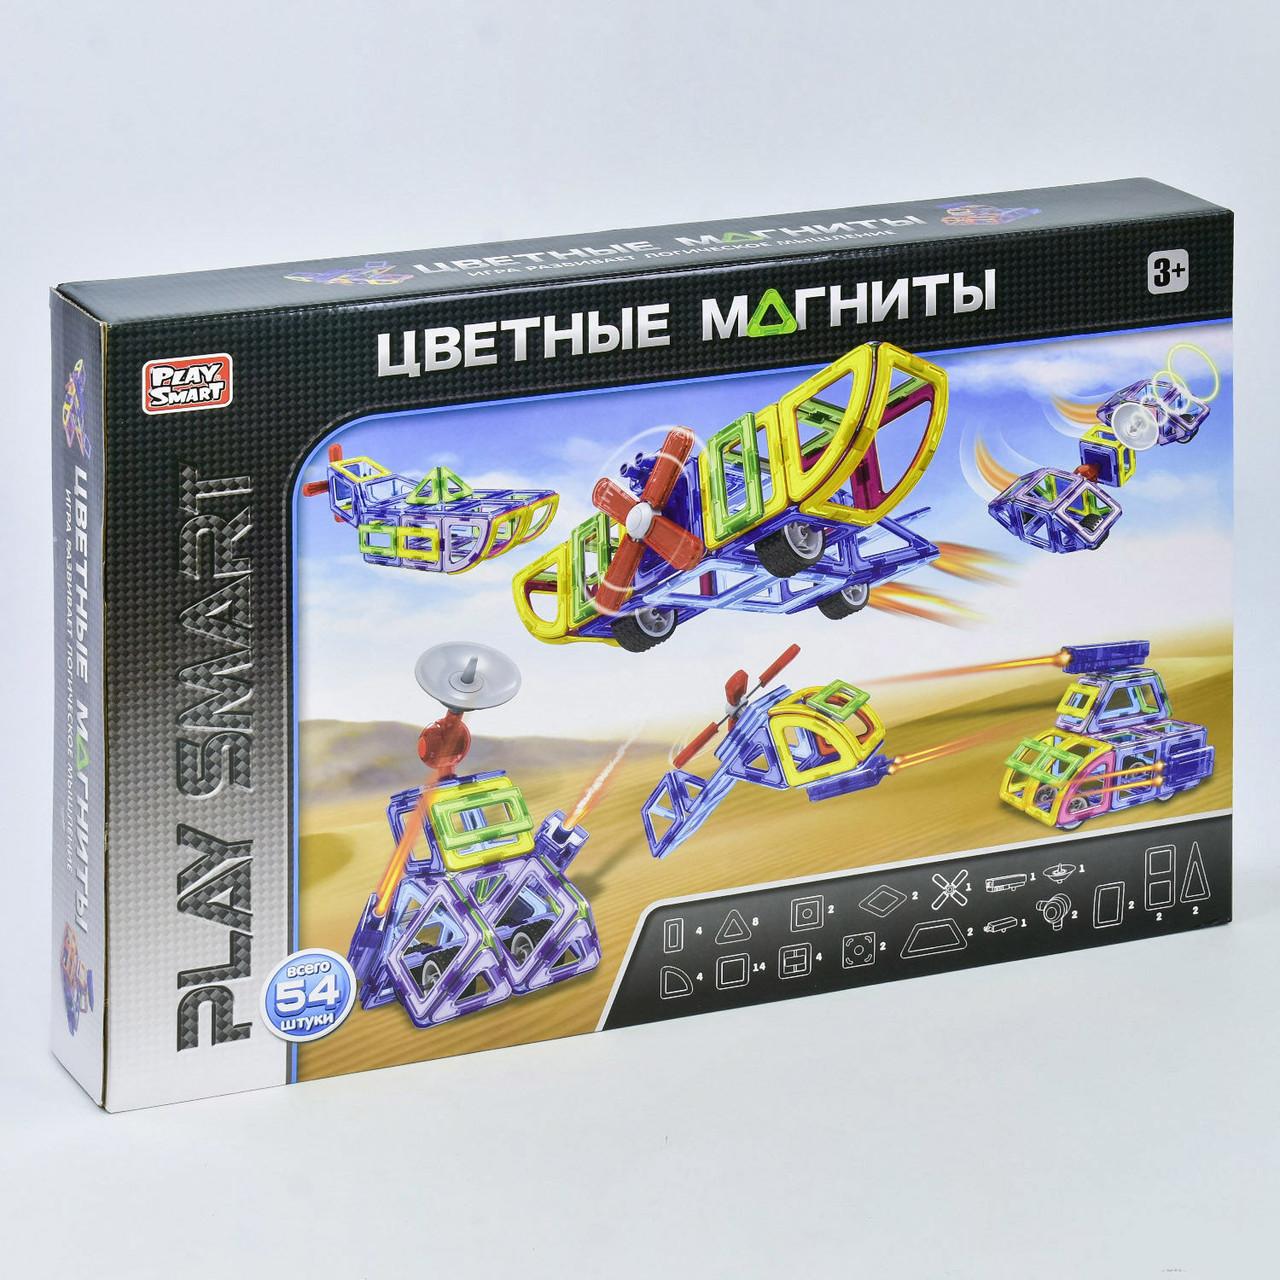 Магнитный конструктор цветные магниты техника Play Smart 2429